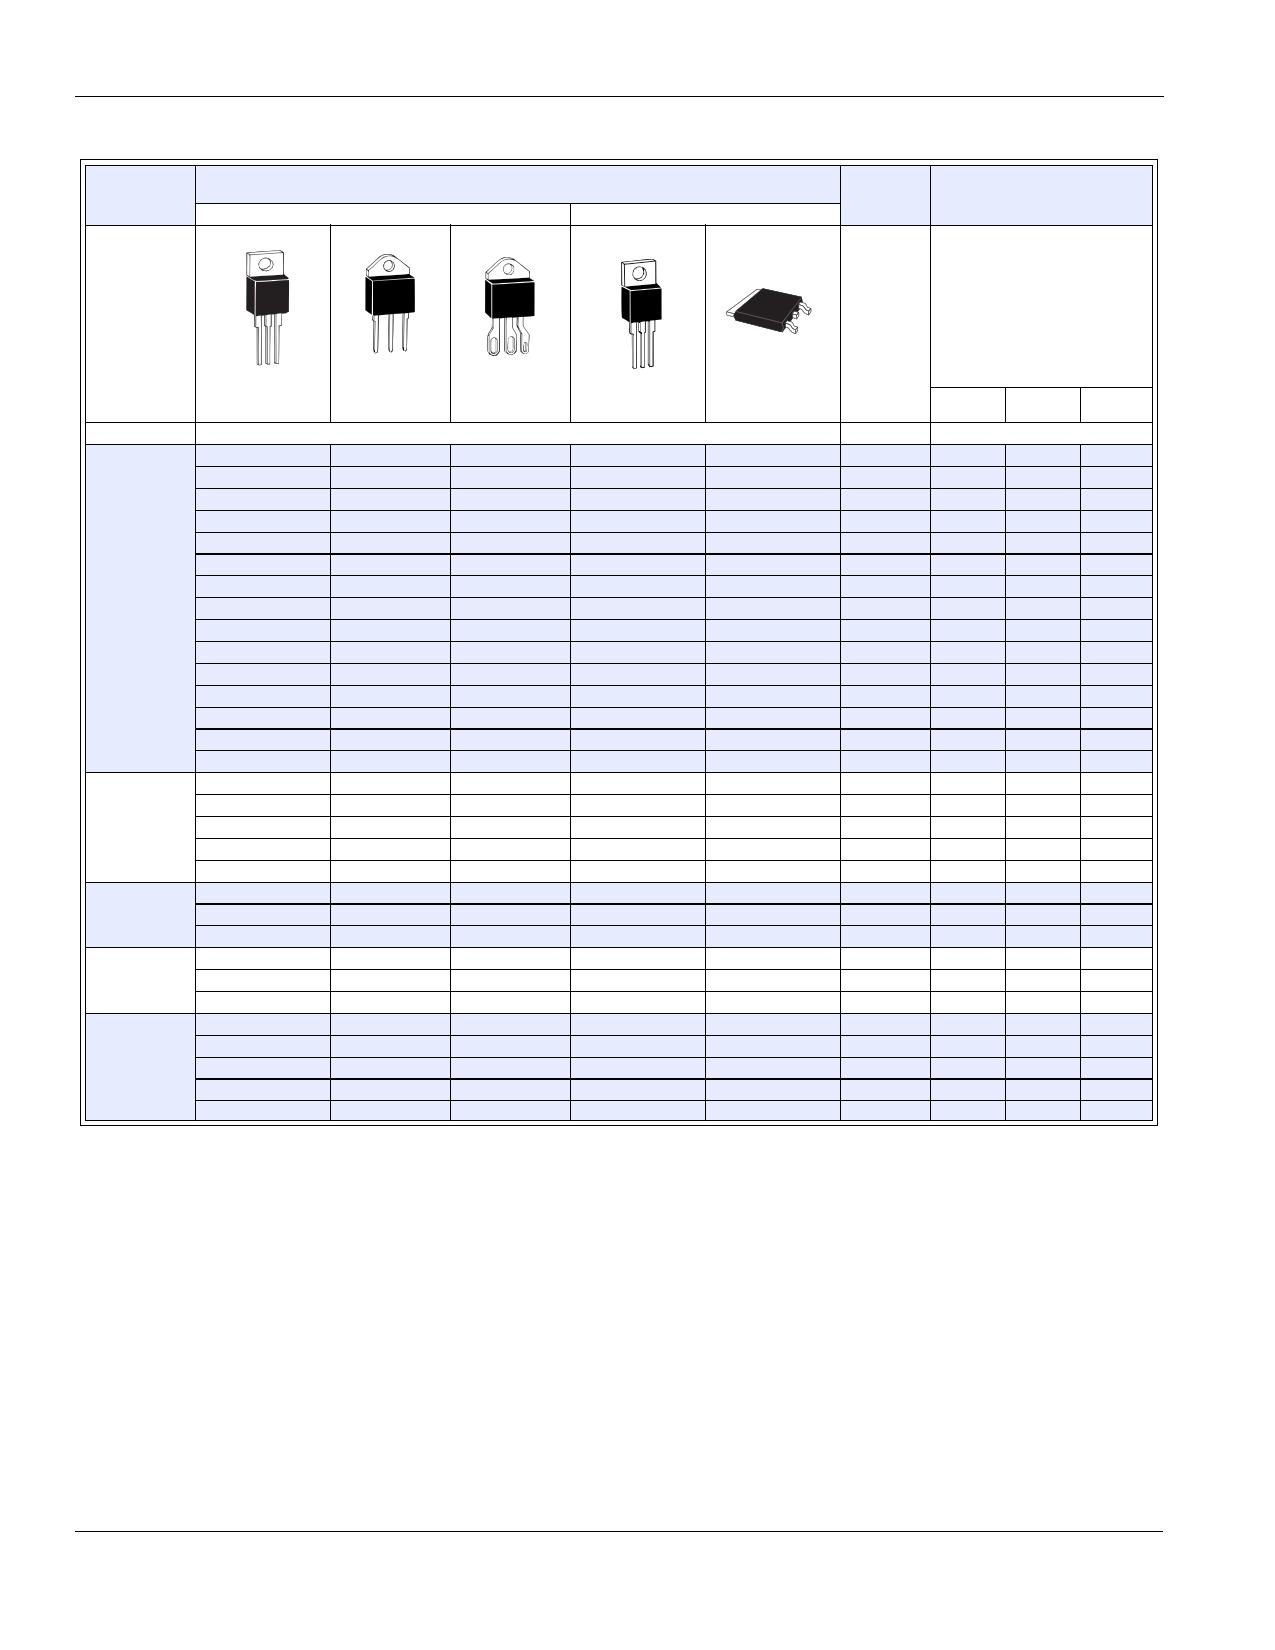 Q2006NH4 pdf, 반도체, 판매, 대치품